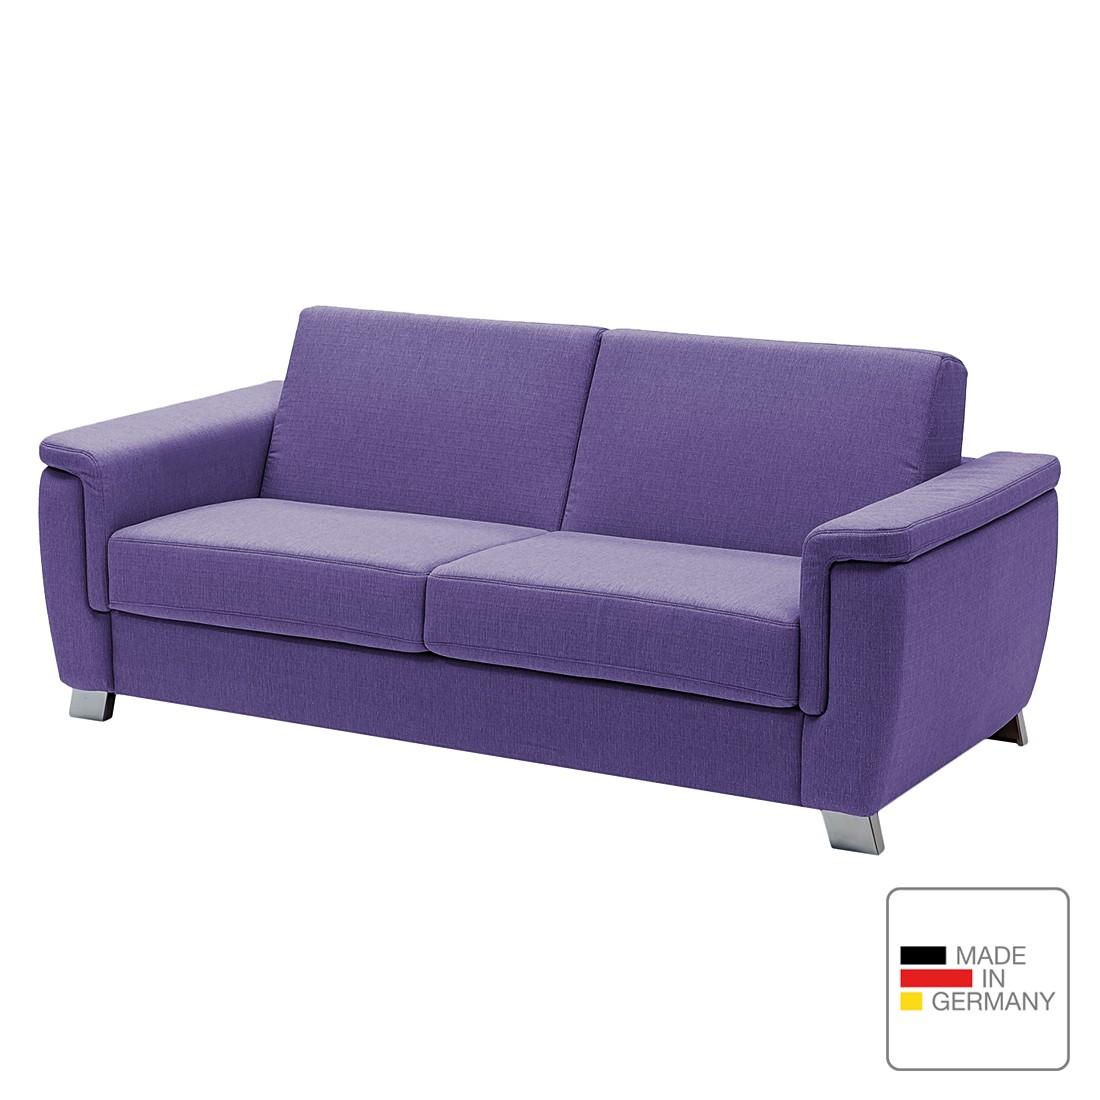 Schlafsofa Pidaro II – Webstoff – Schaumstoff – Violett – Abgerundete Armlehnen, Studio Monroe kaufen